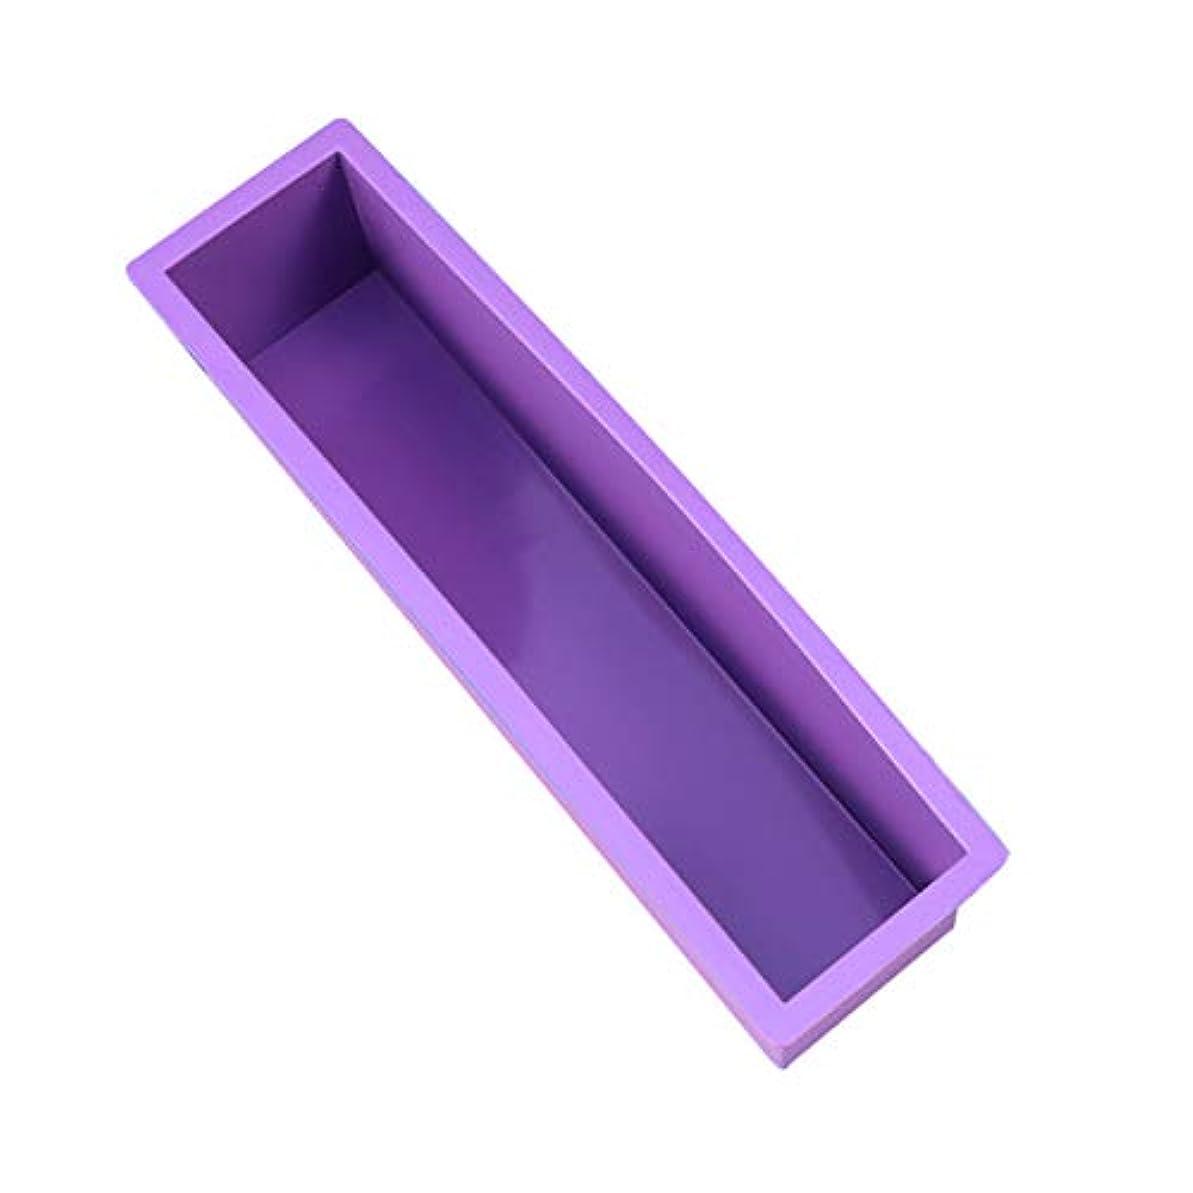 美容師追跡鍔Healifty DIYの石鹸金型スクエアラウンドオーバル金型木製ボックスサイズなしの手作り金型 - S(紫)